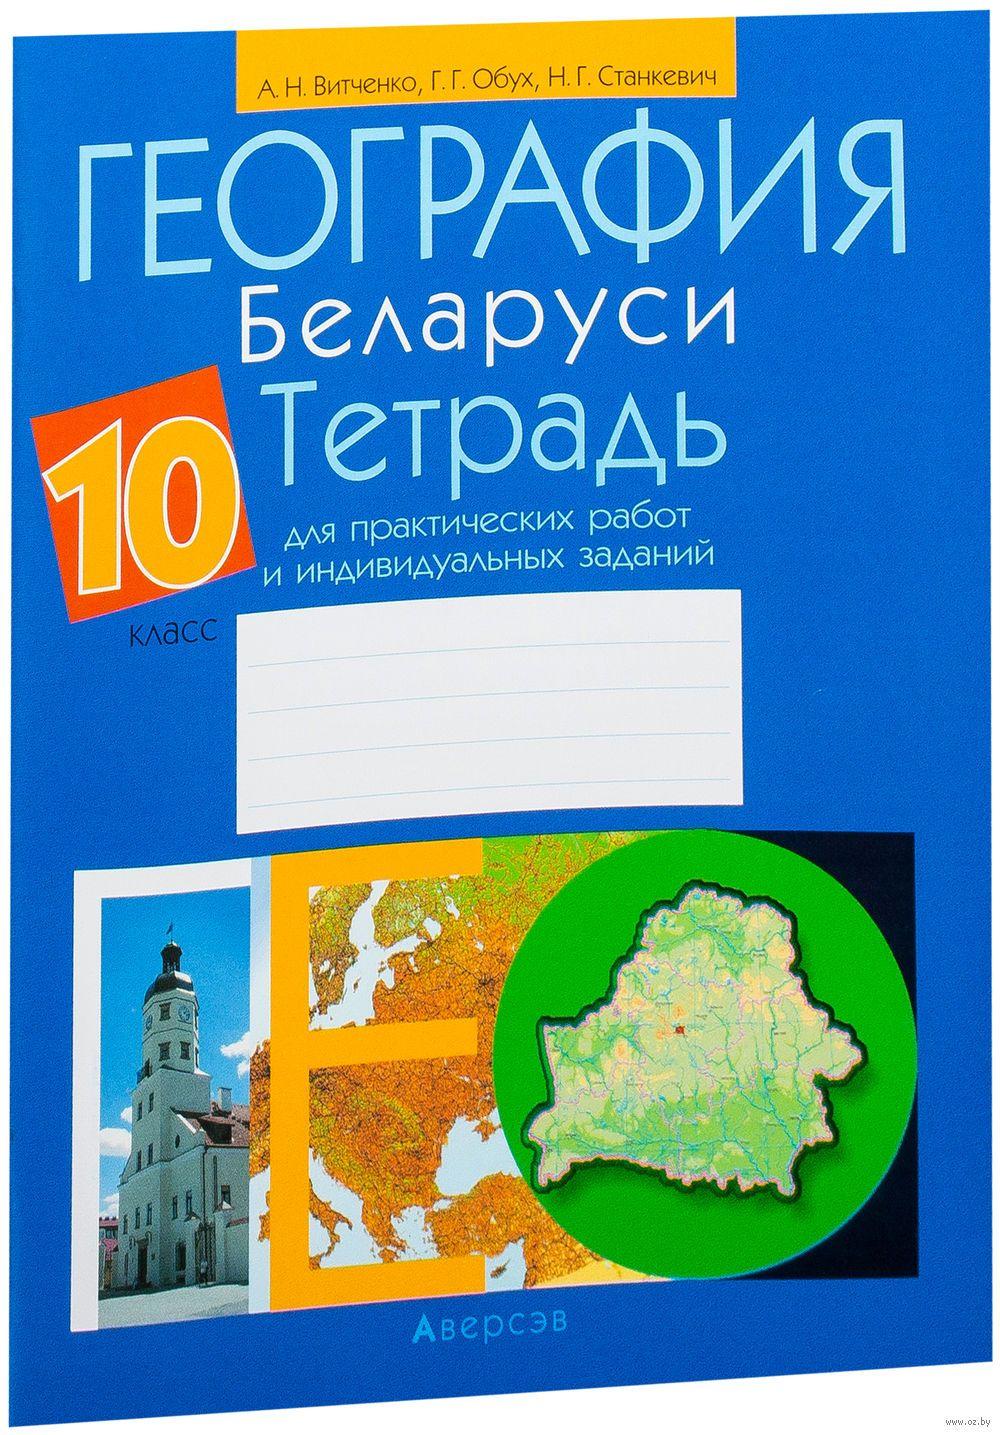 Книга по географии коберник 10 класс